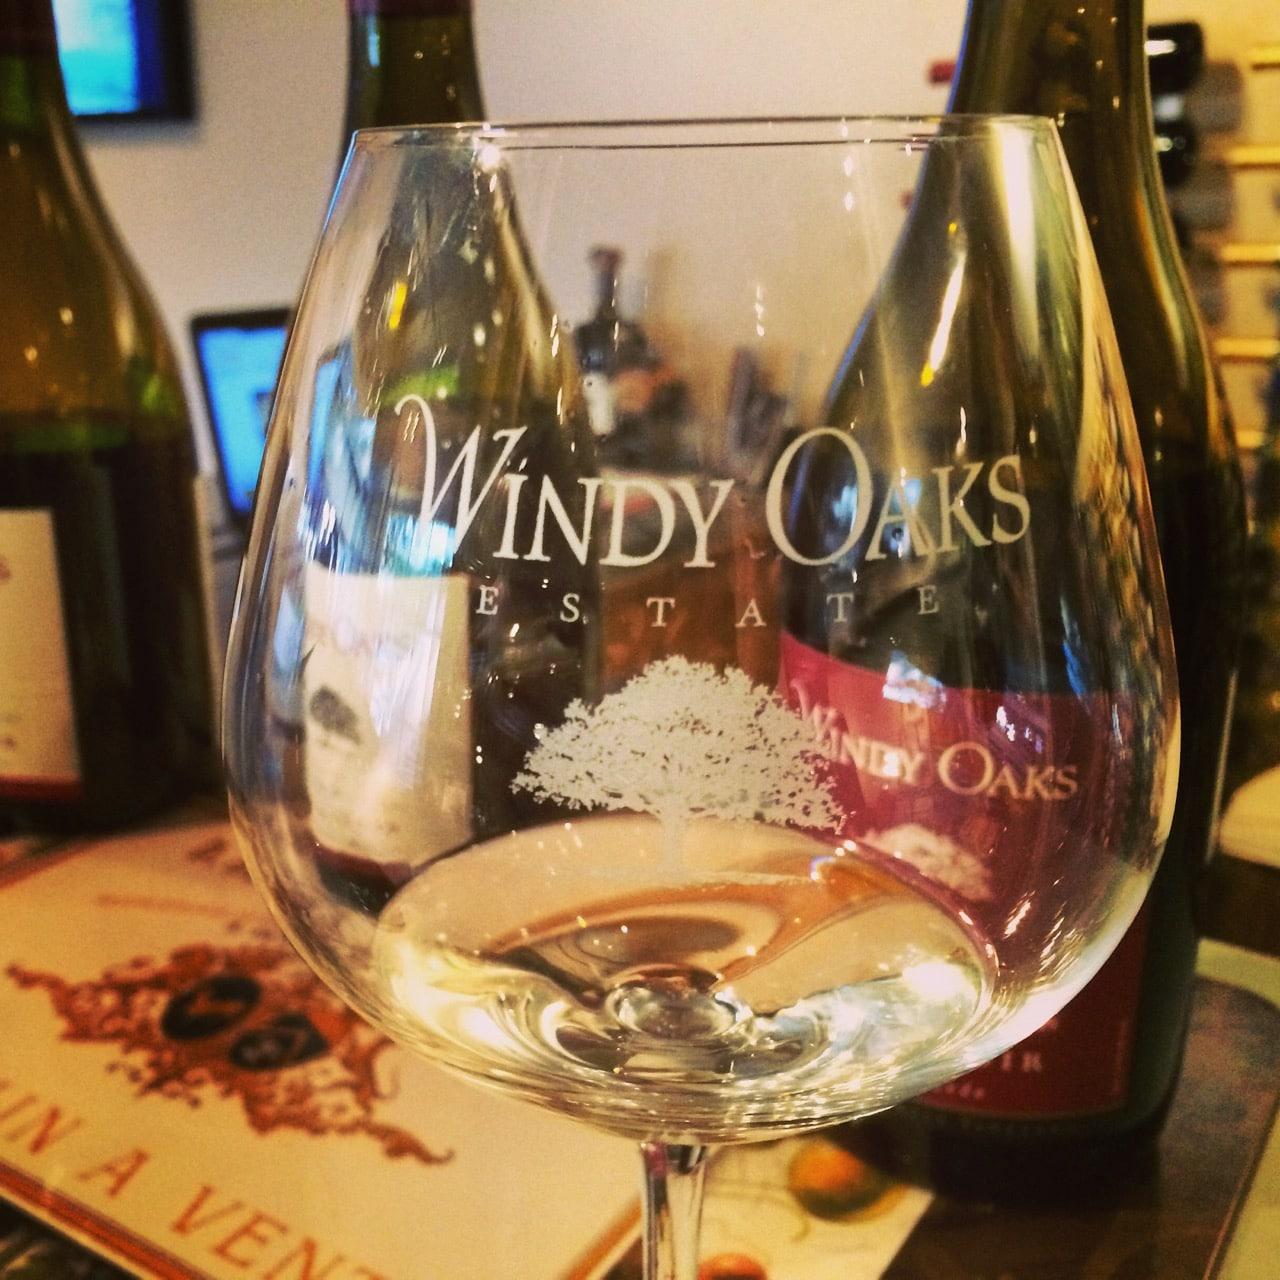 Windy_Oaks_Tasting_carmel